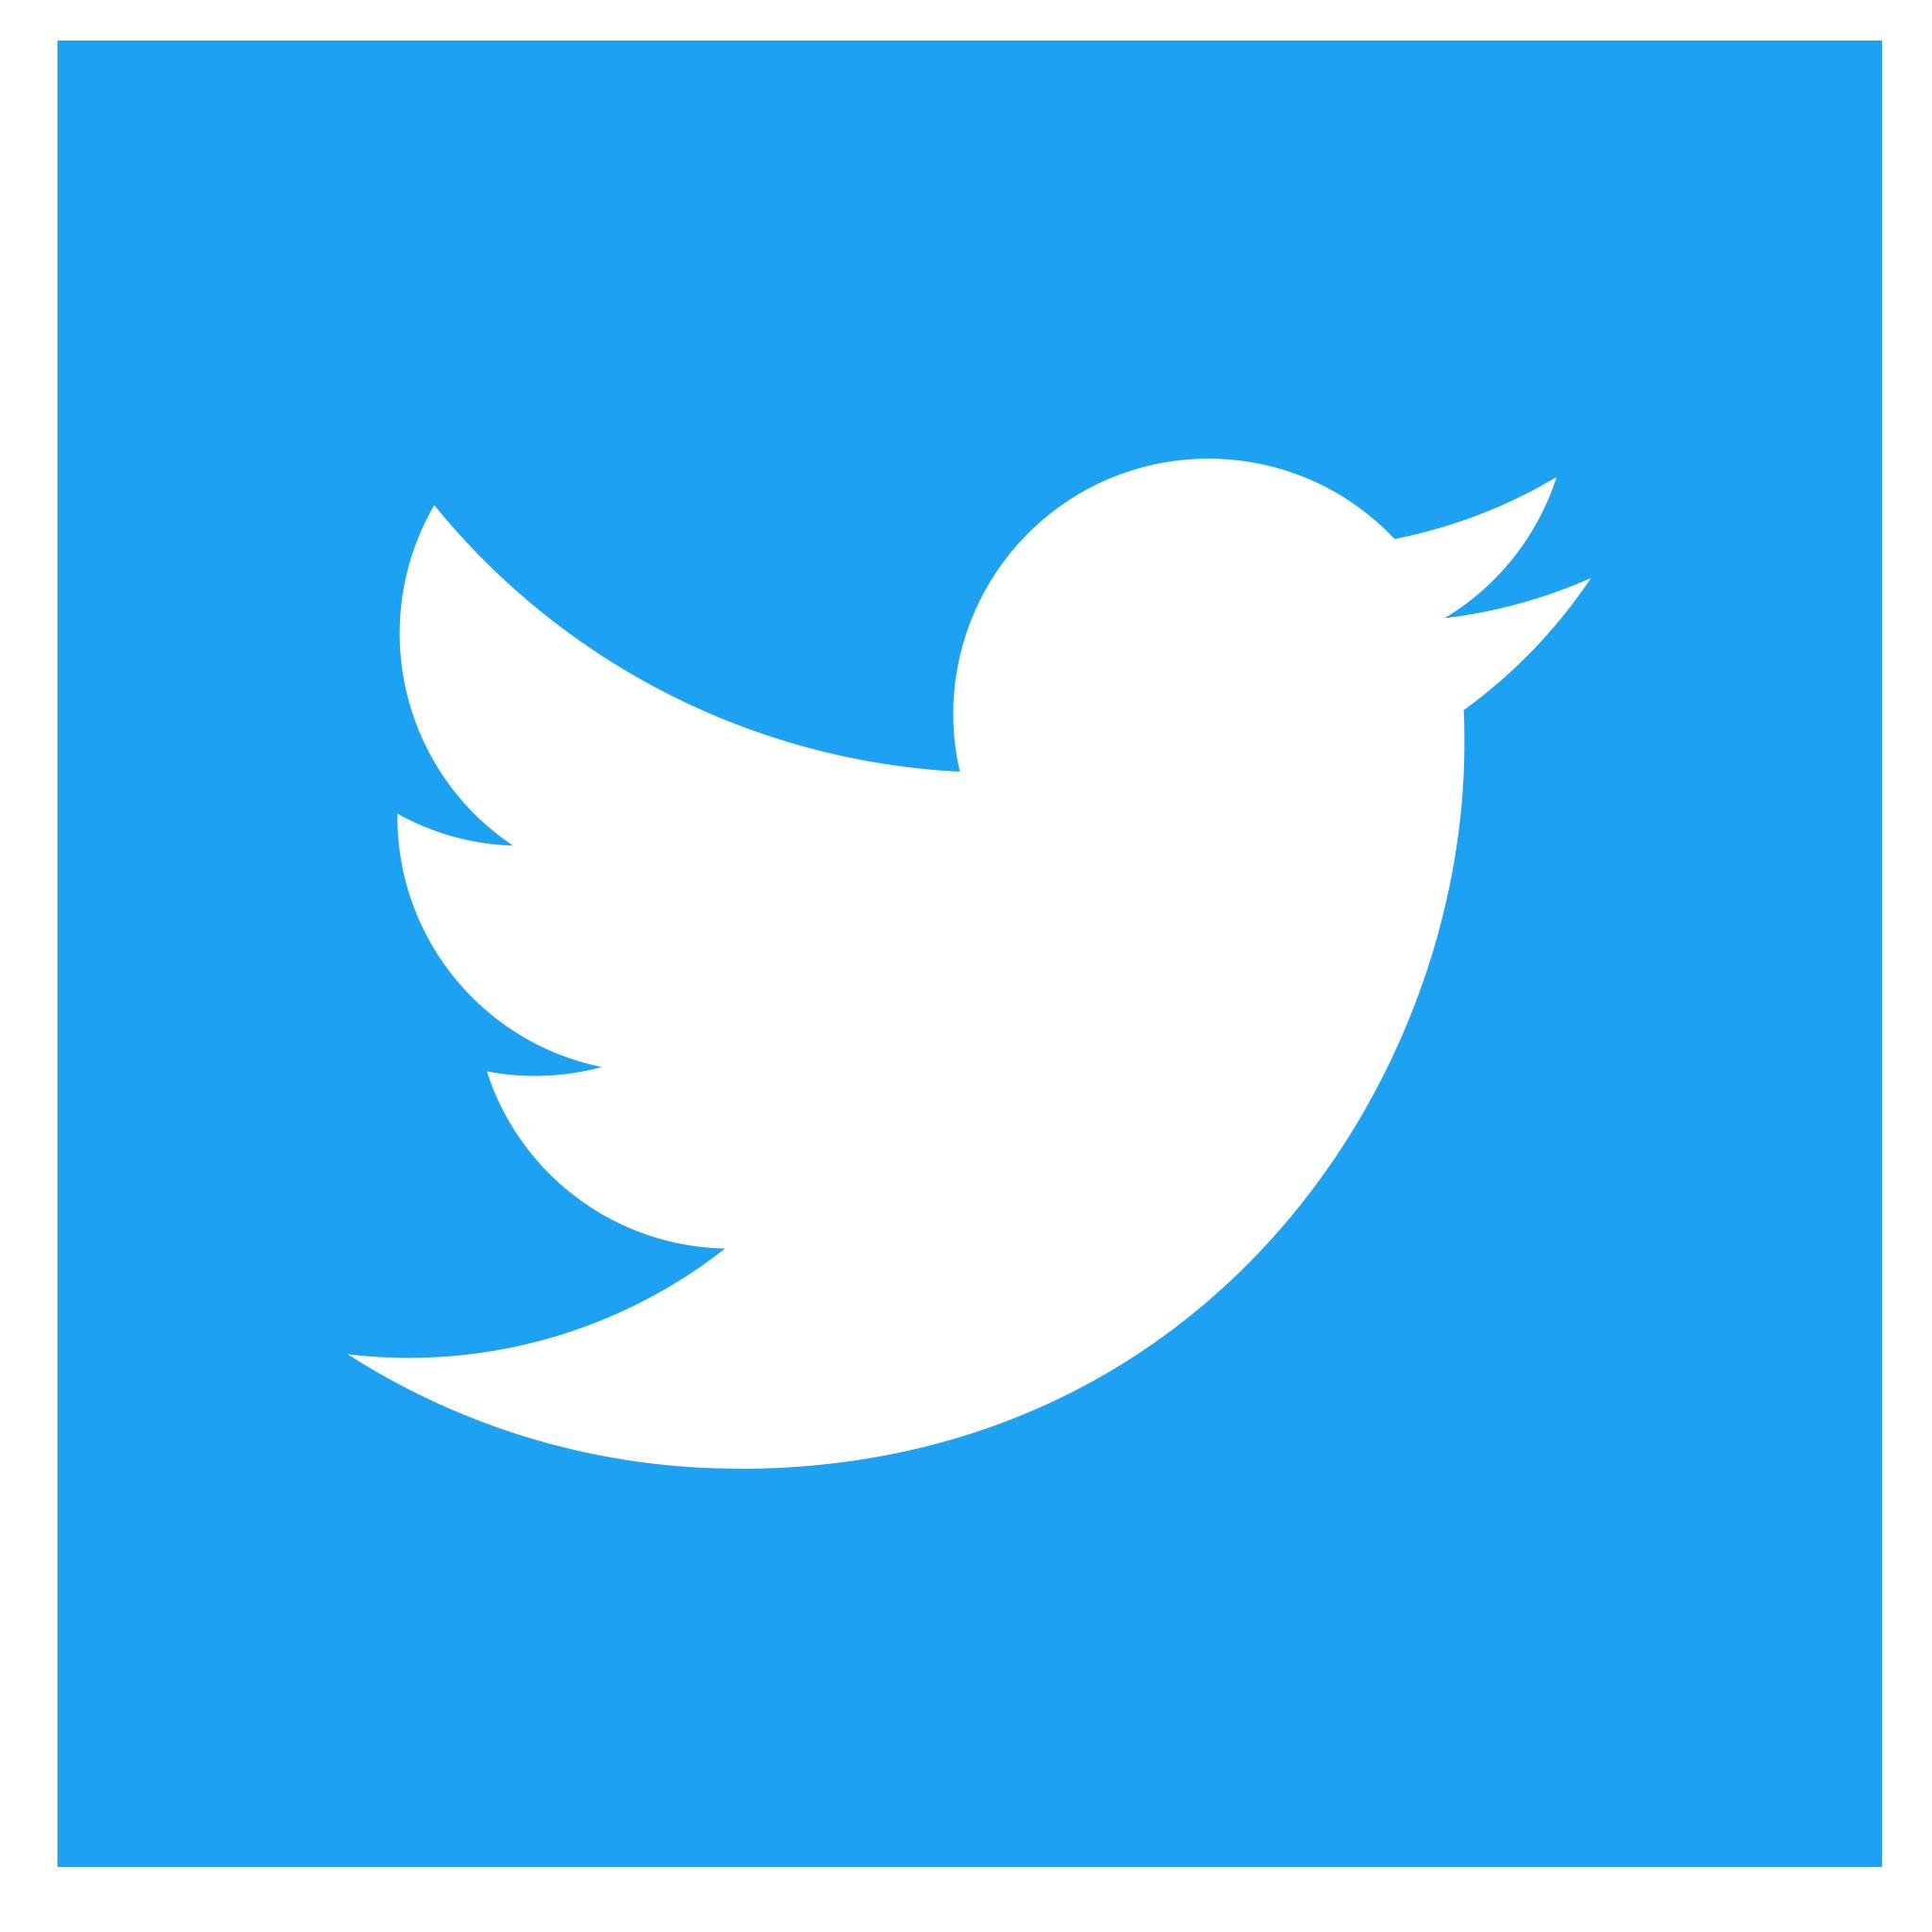 JTB Australia on Twitter